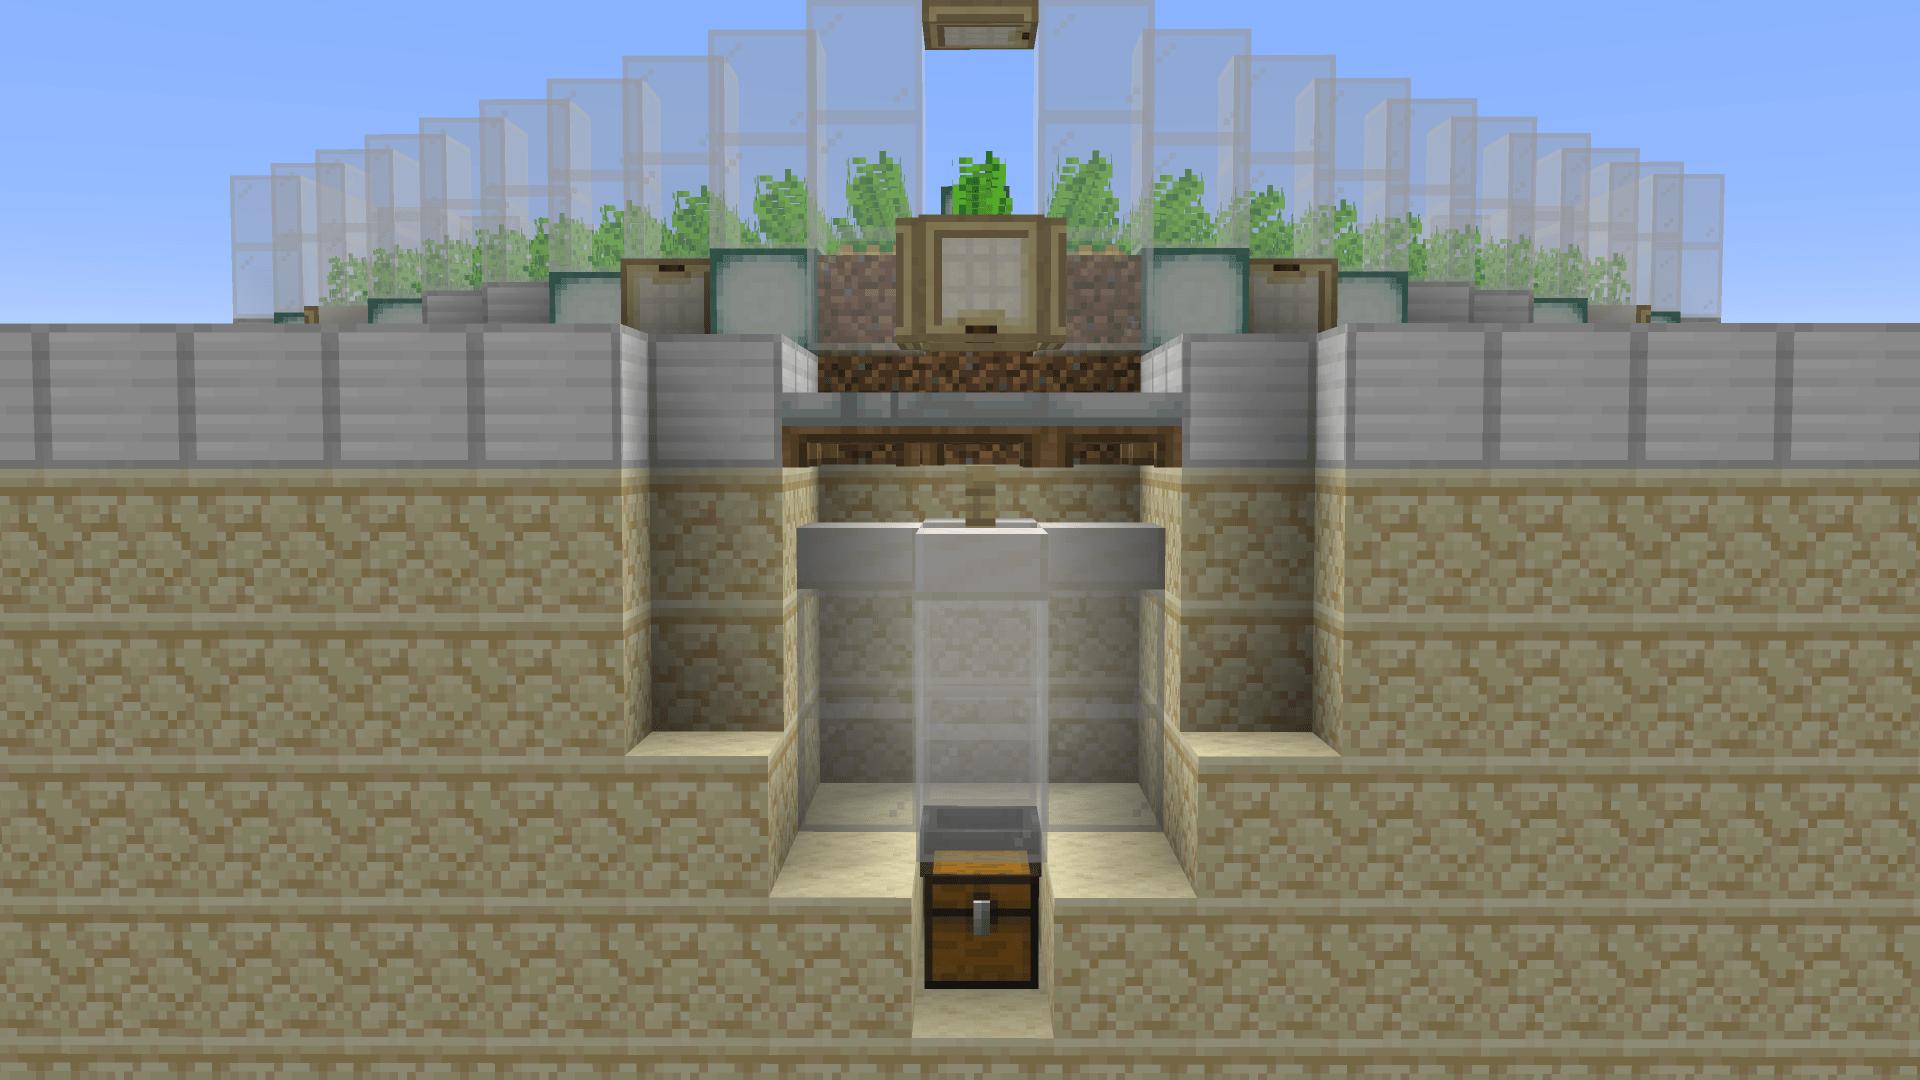 Meccanismo parte 1 - bello eh? Pronti villagers di Minecraft?